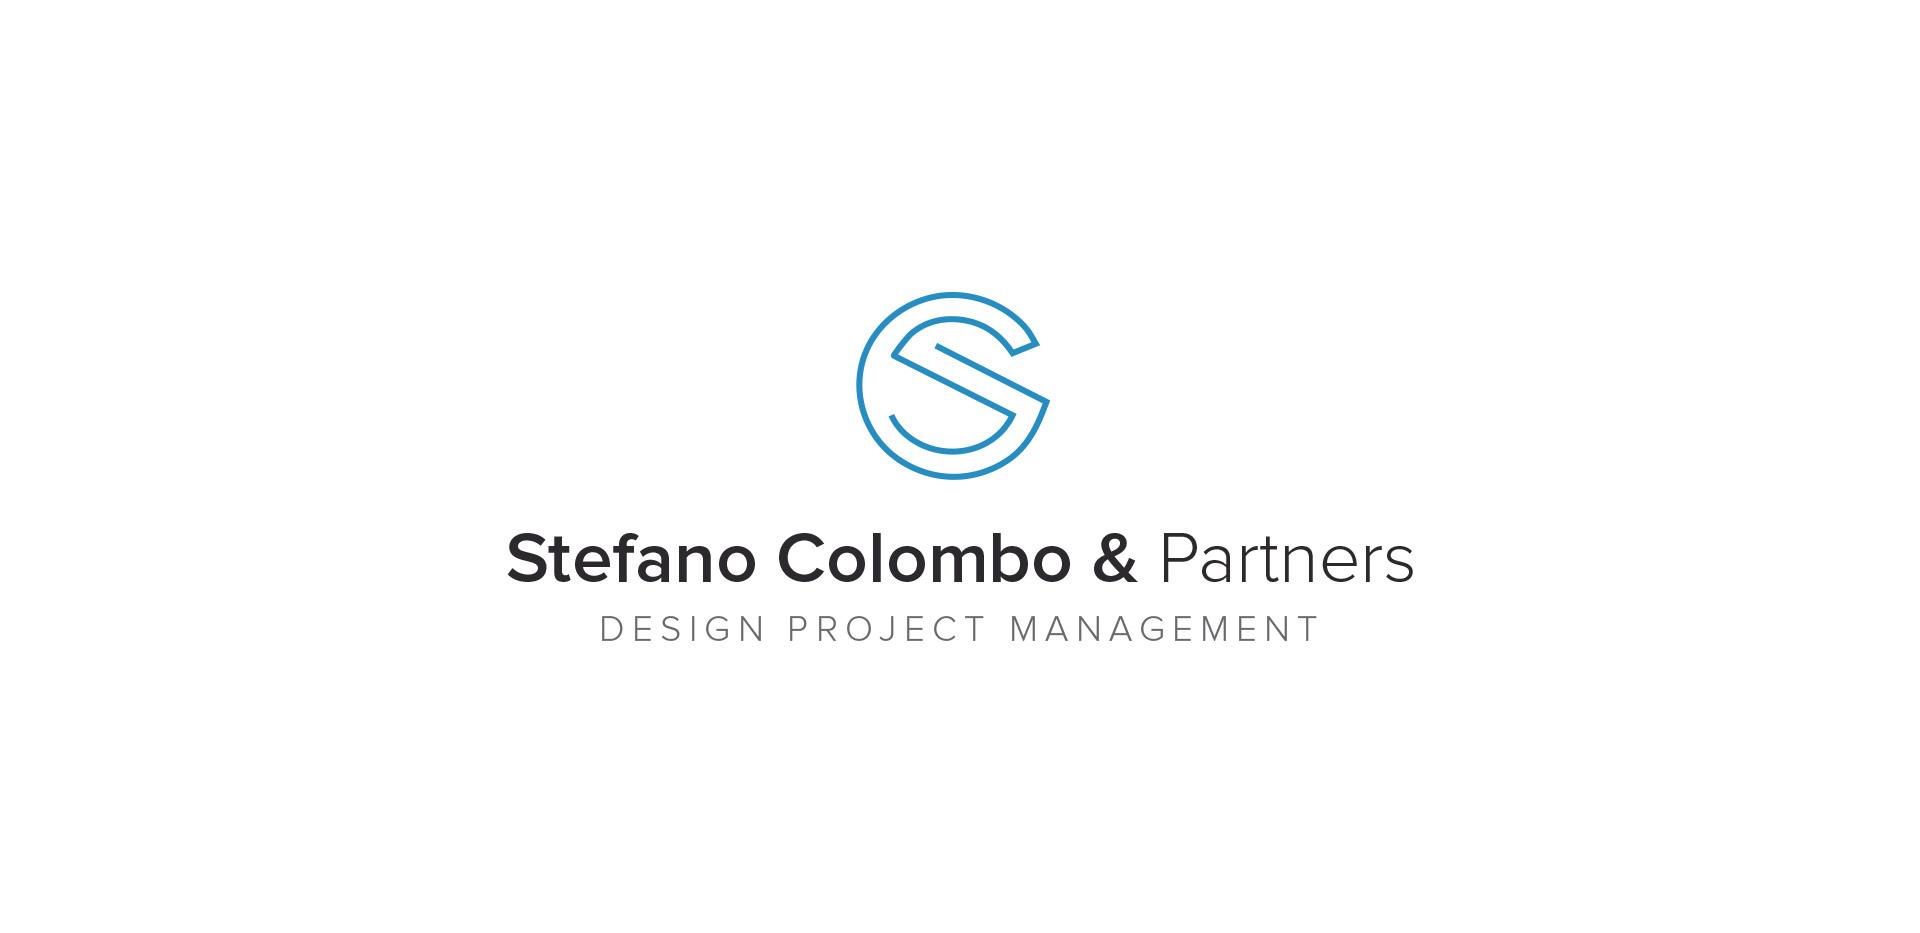 Company corporate identity design